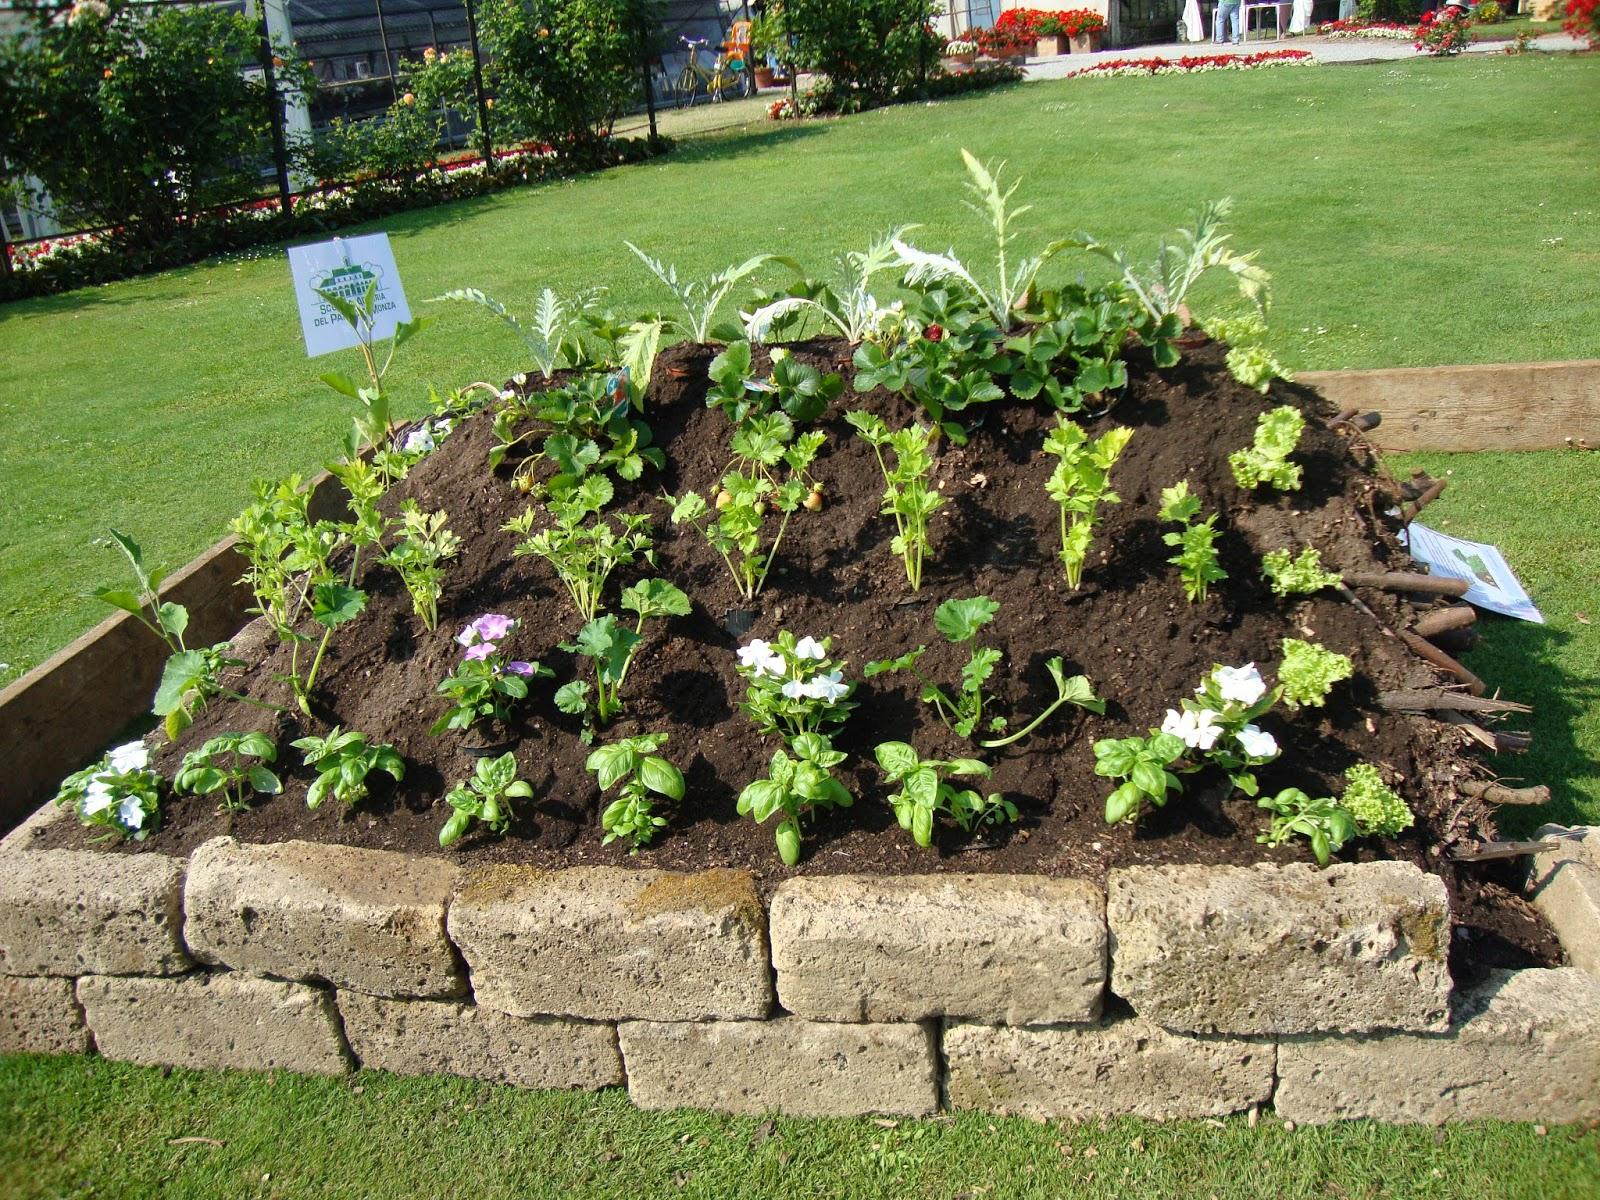 Un piccolo giardino in citt dal festival degli orti l - L orto in giardino ...